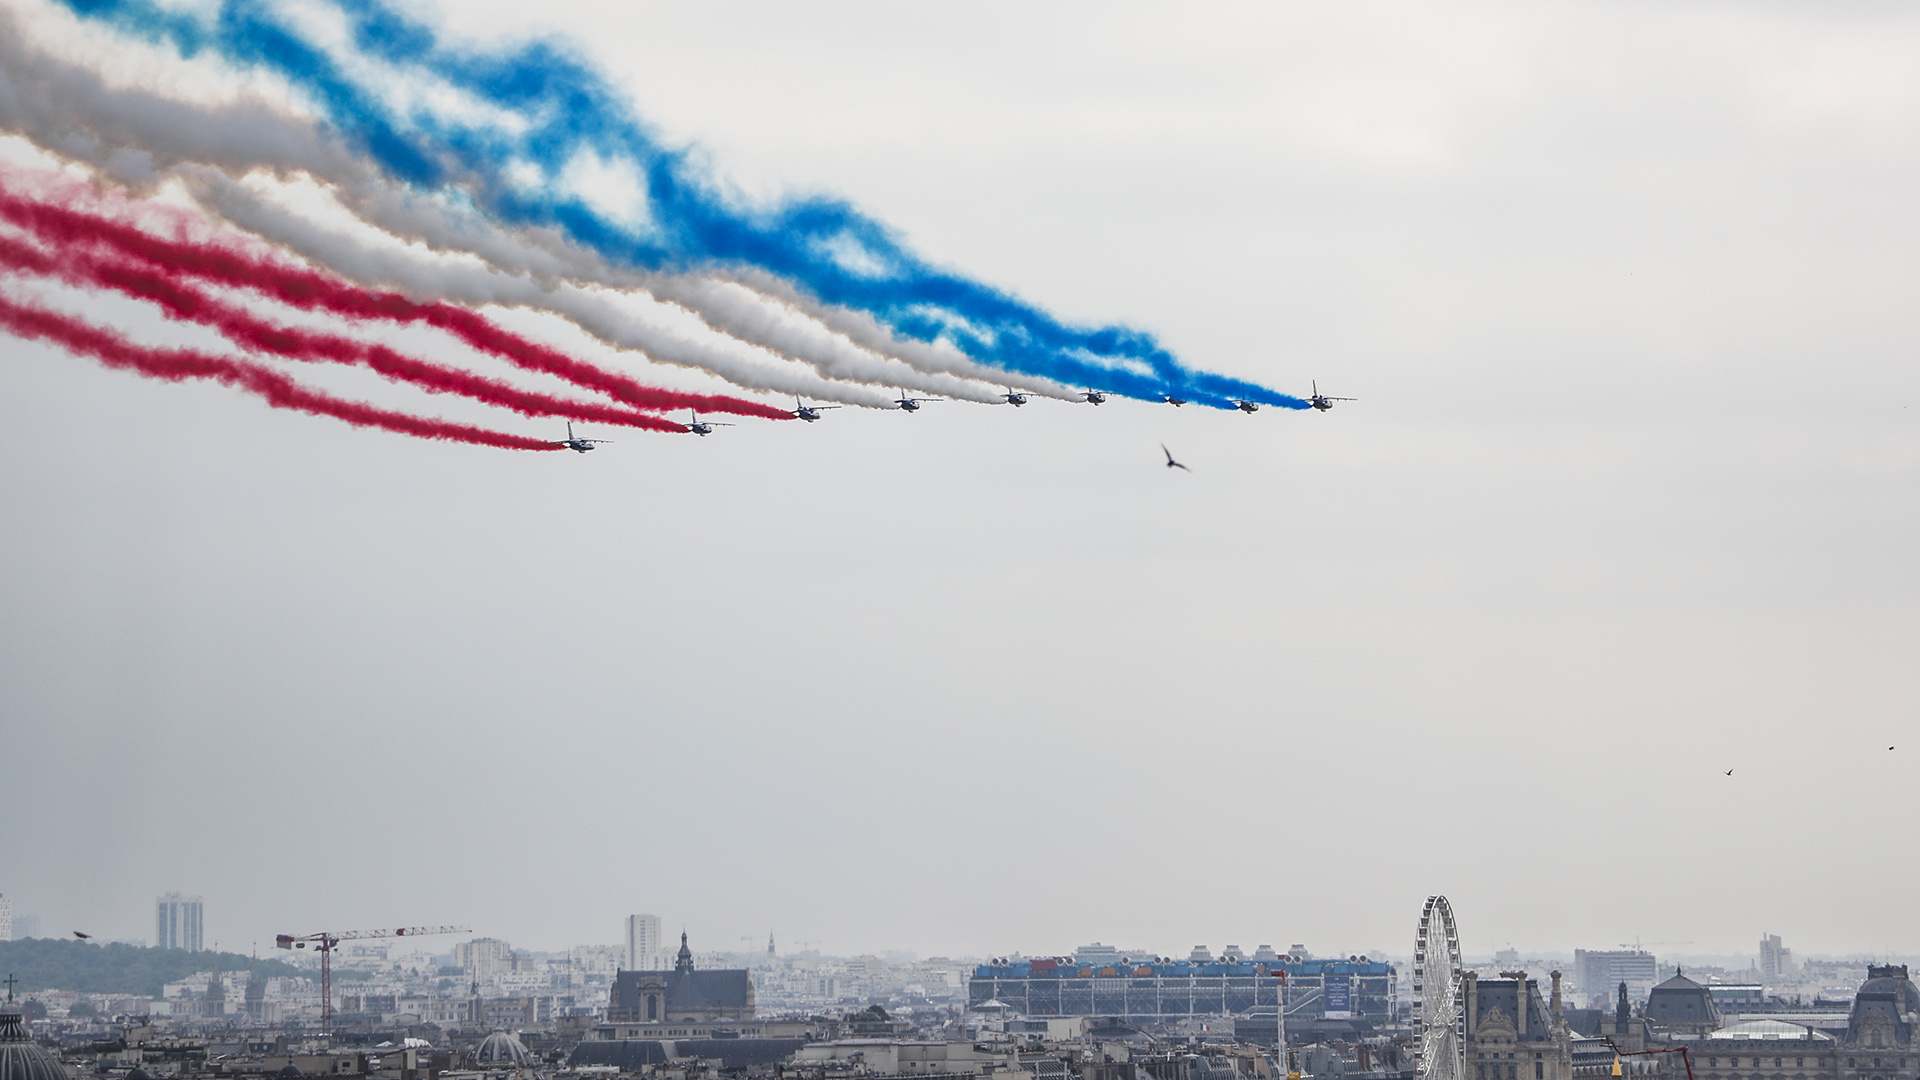 La Patrouille de France dibuja los colores de la bandera en el cielo